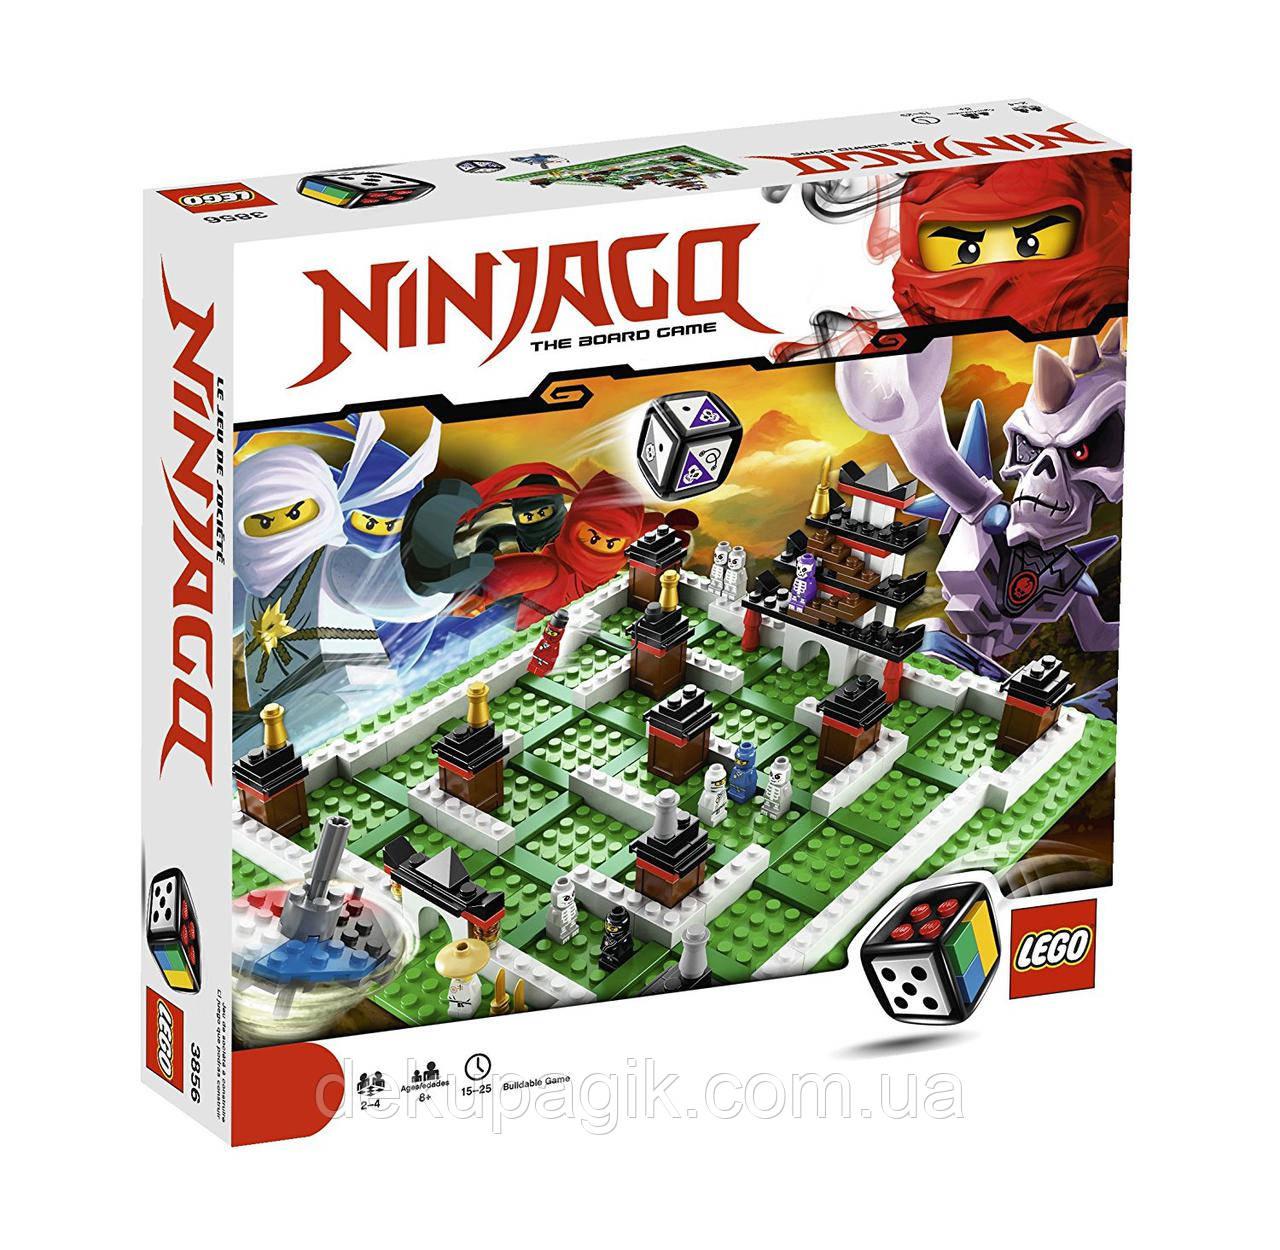 Lego Games Настольная игра Лего Ниндзяго 3856